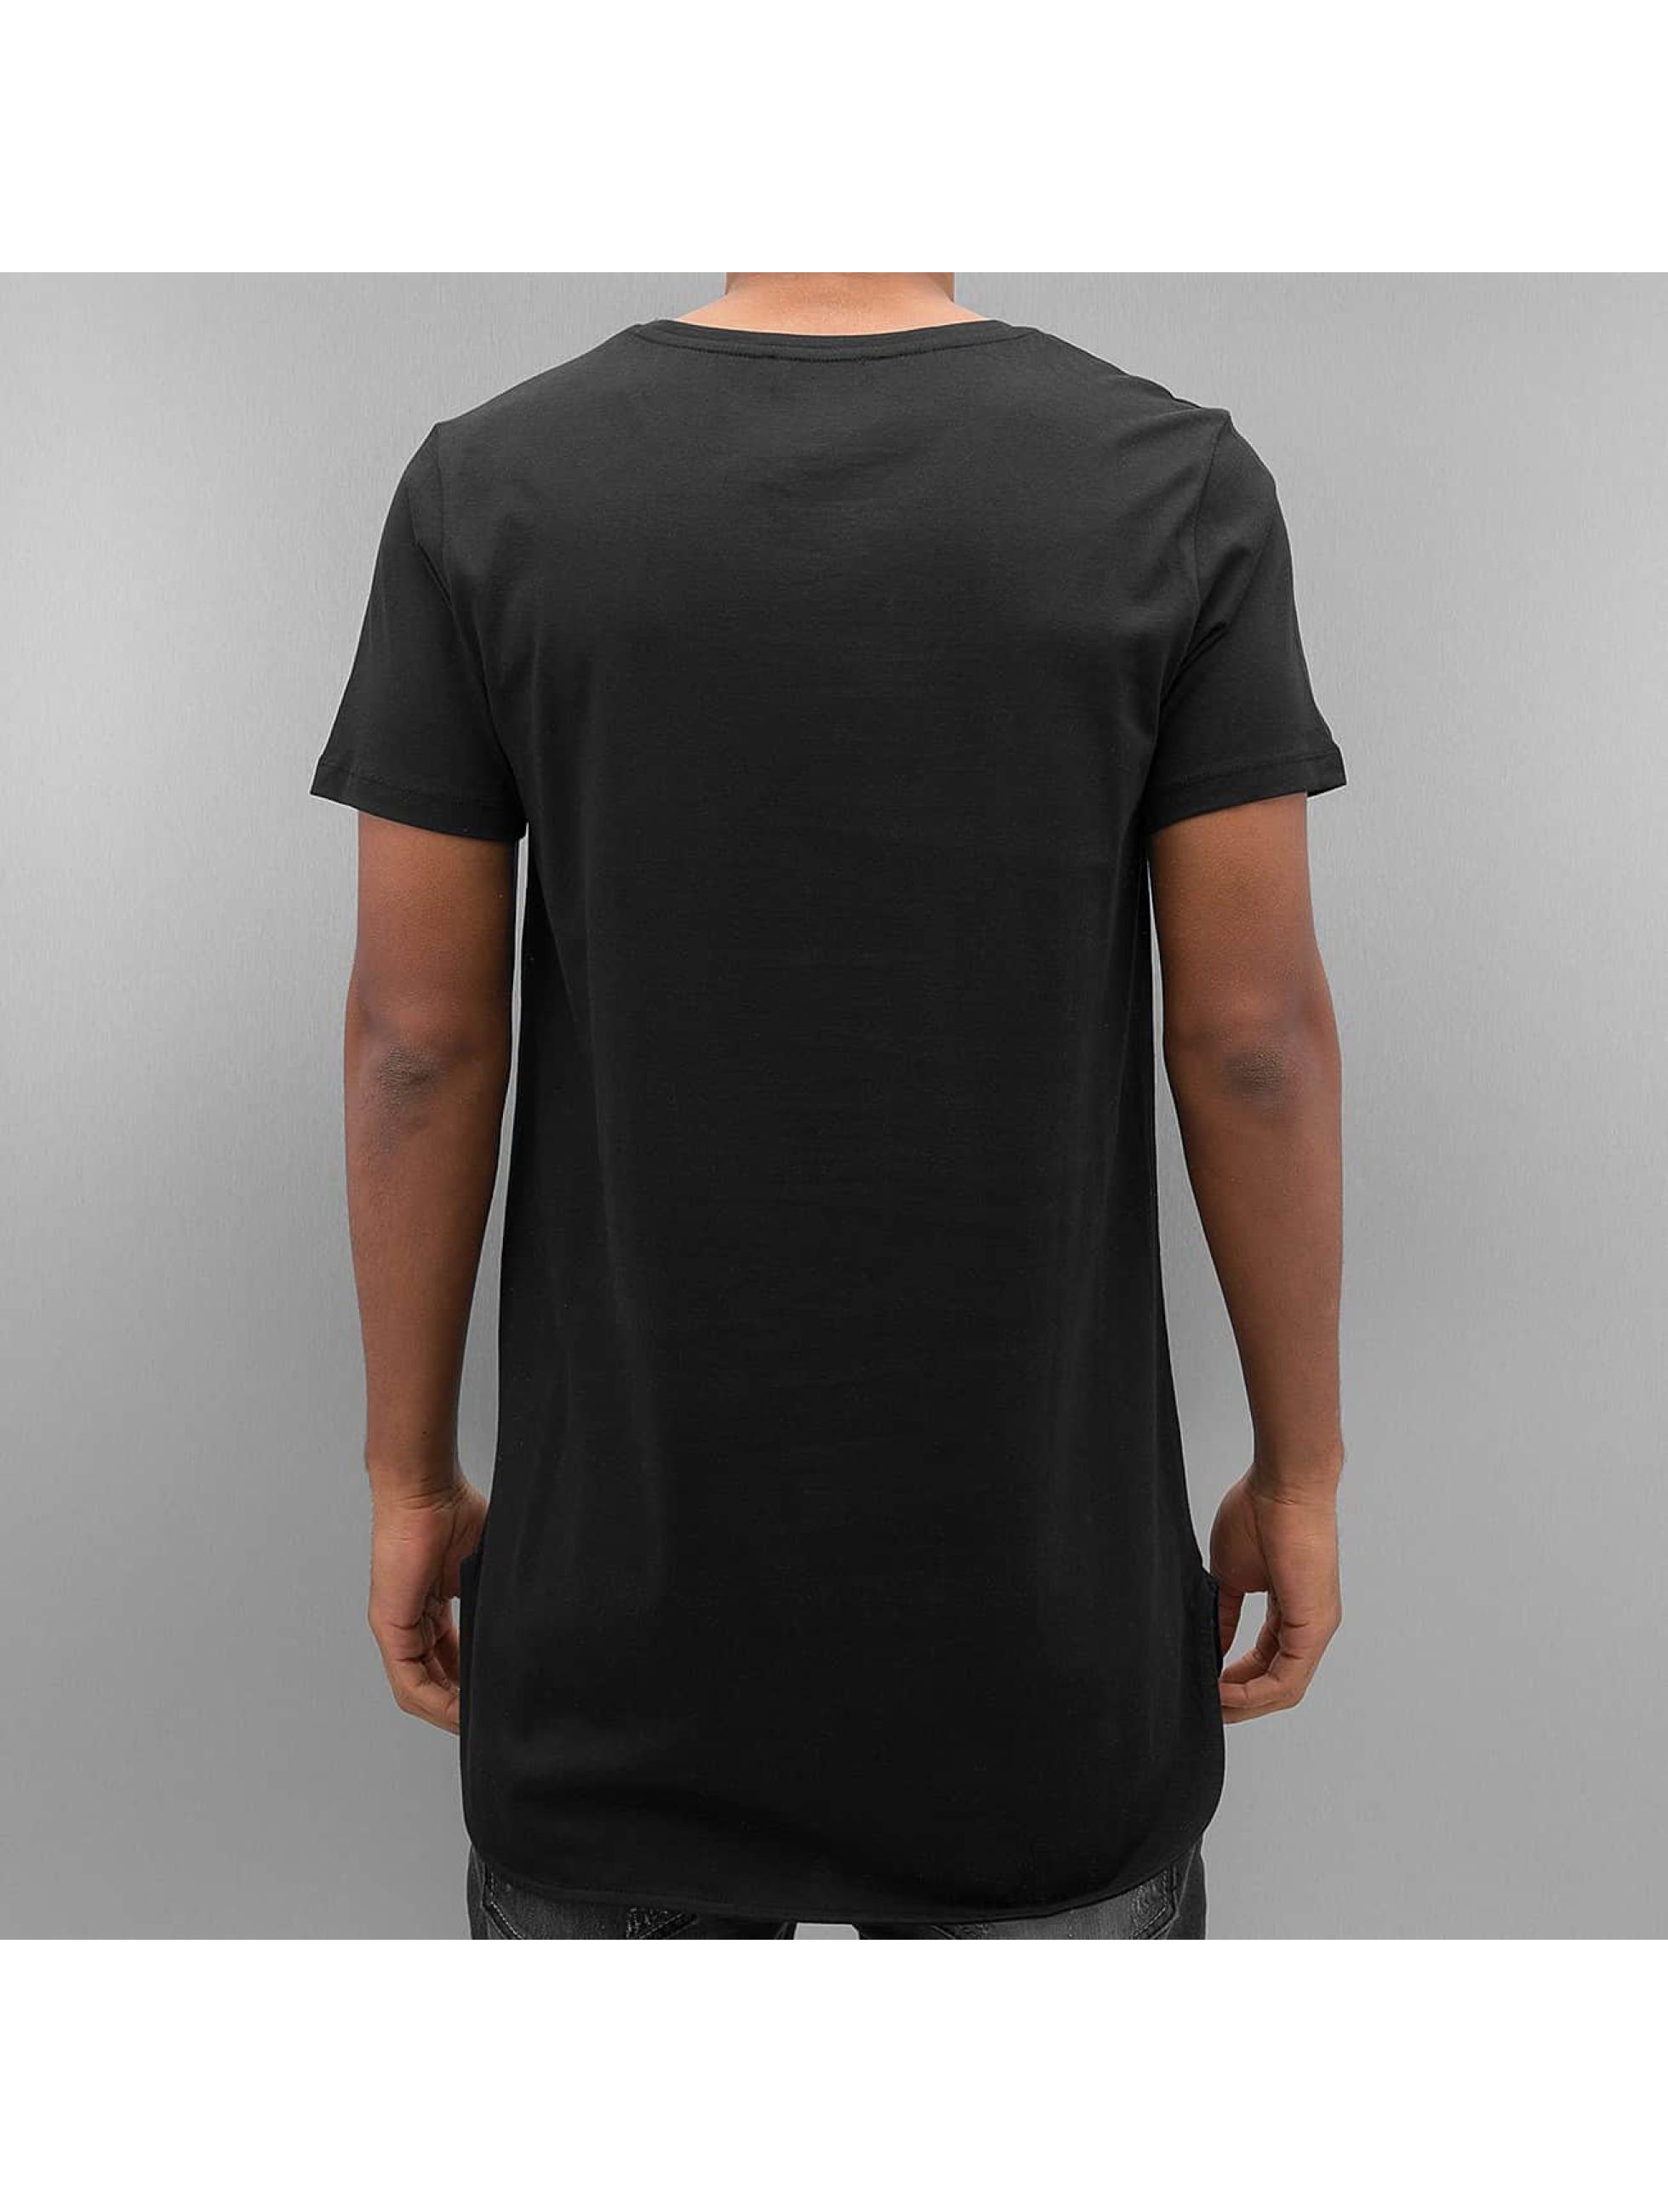 VSCT Clubwear Tall Tees Monochrome Long schwarz